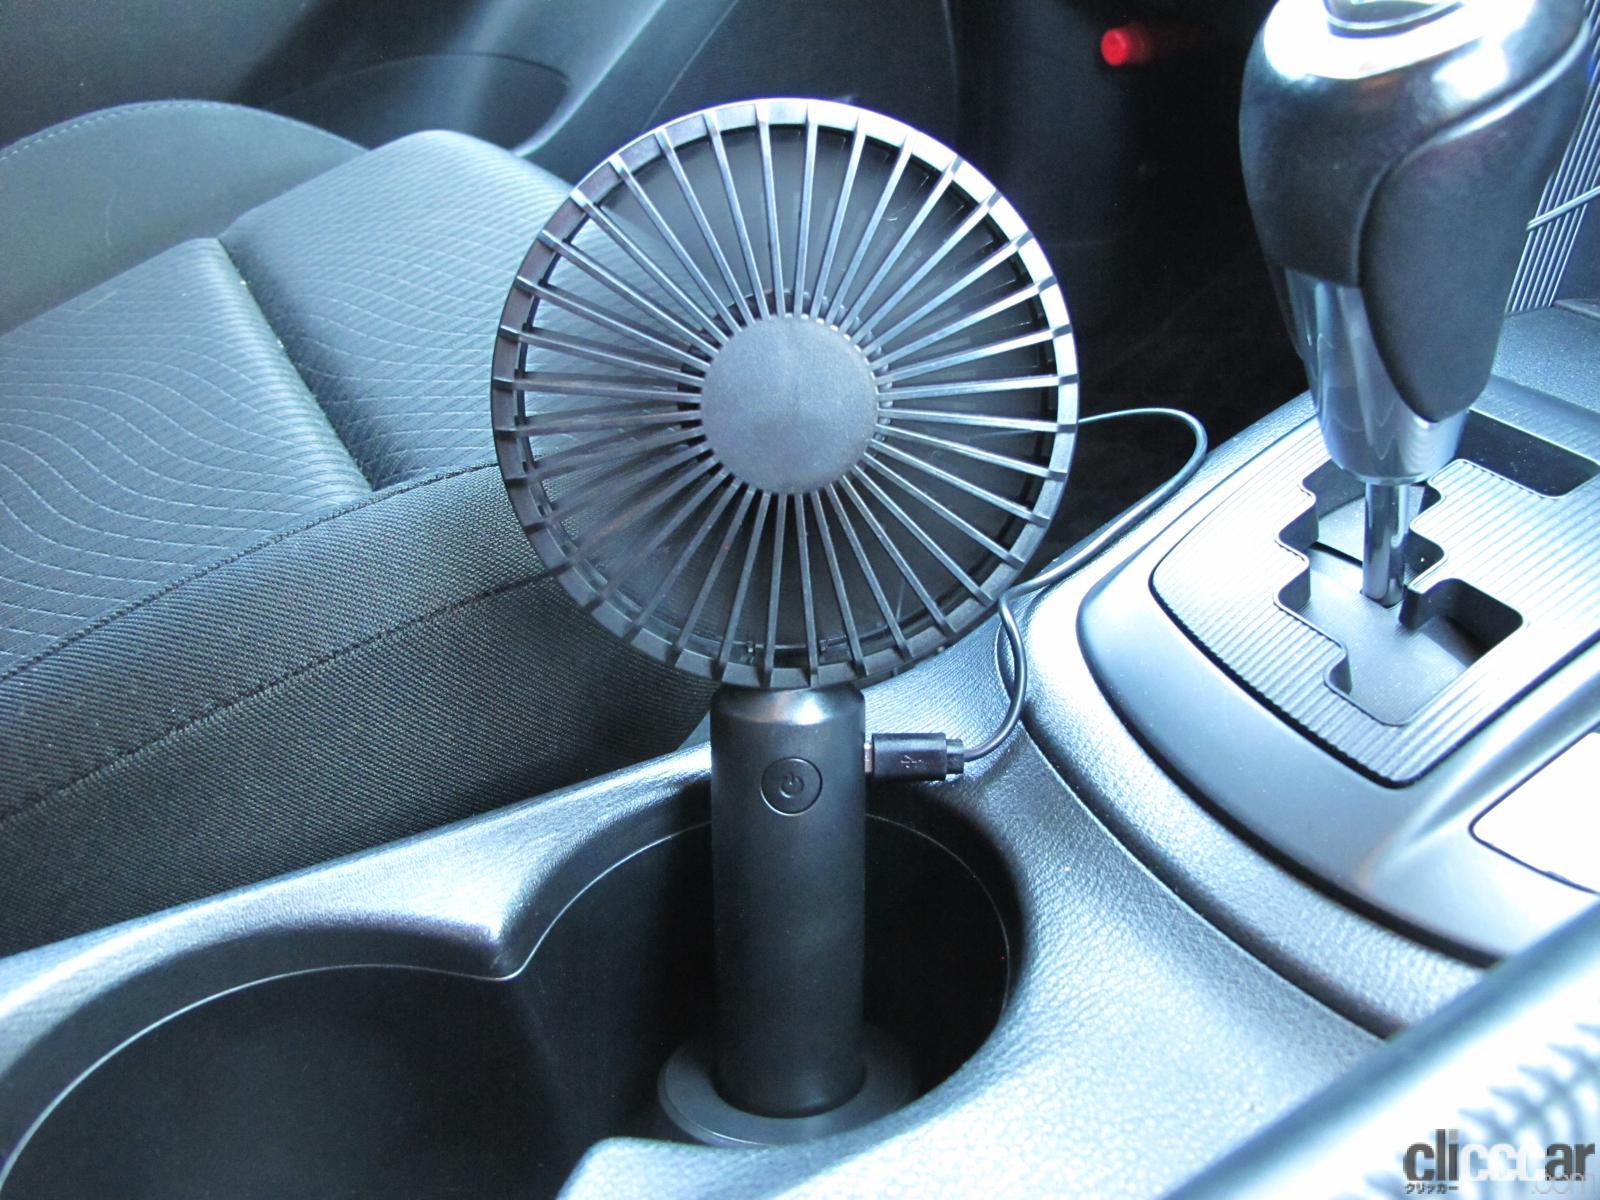 「夏のエアコン設定温度は「25℃」が20%超で最多! エアコン以外の暑さ対策は「日よけ」が46.9%」の5枚目の画像